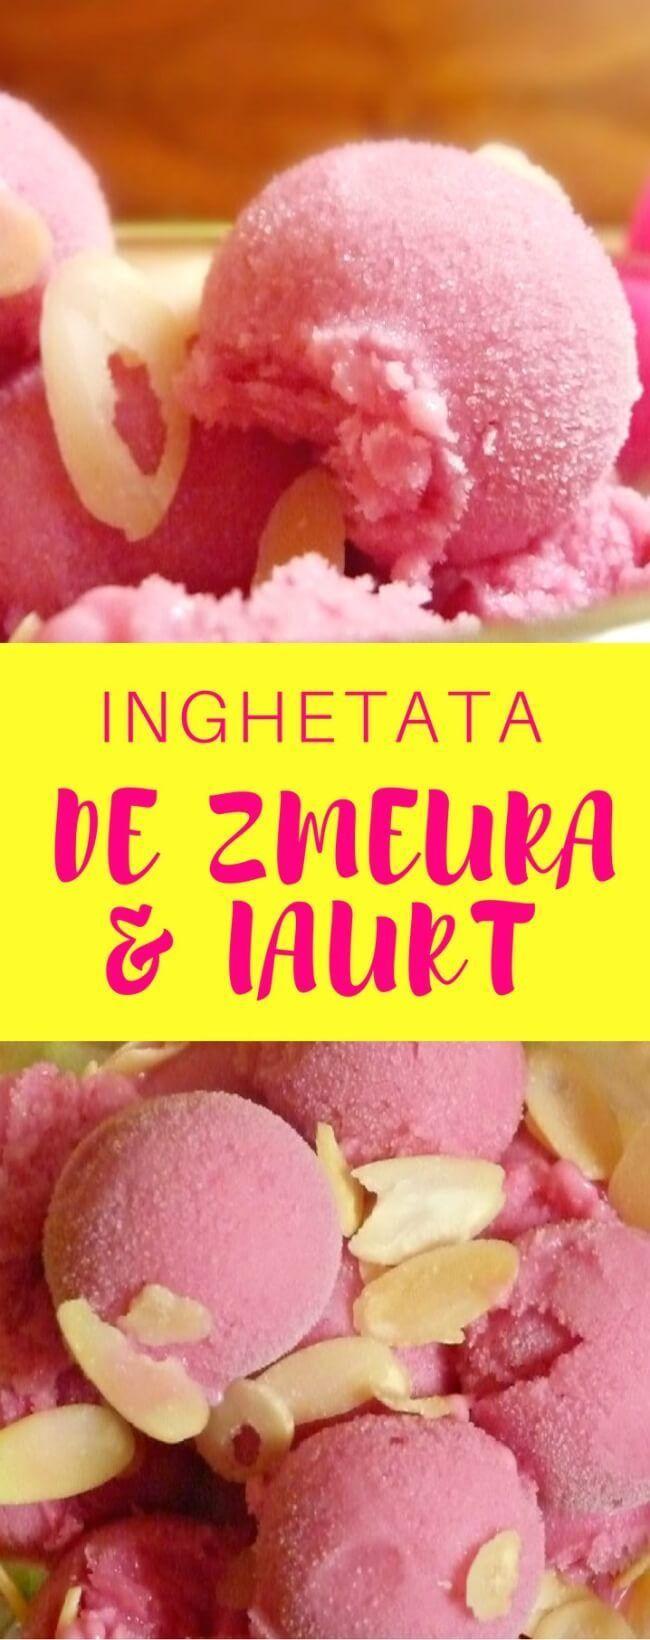 INGHETATA DE ZMEURA SI IAURT GRECESC - Inghetata de zmeura si iaurt grecesc – o gustare delicioasă, răcoritoare și dulce-acrișoară, perfectă pentru zilele fierbinți de vară!